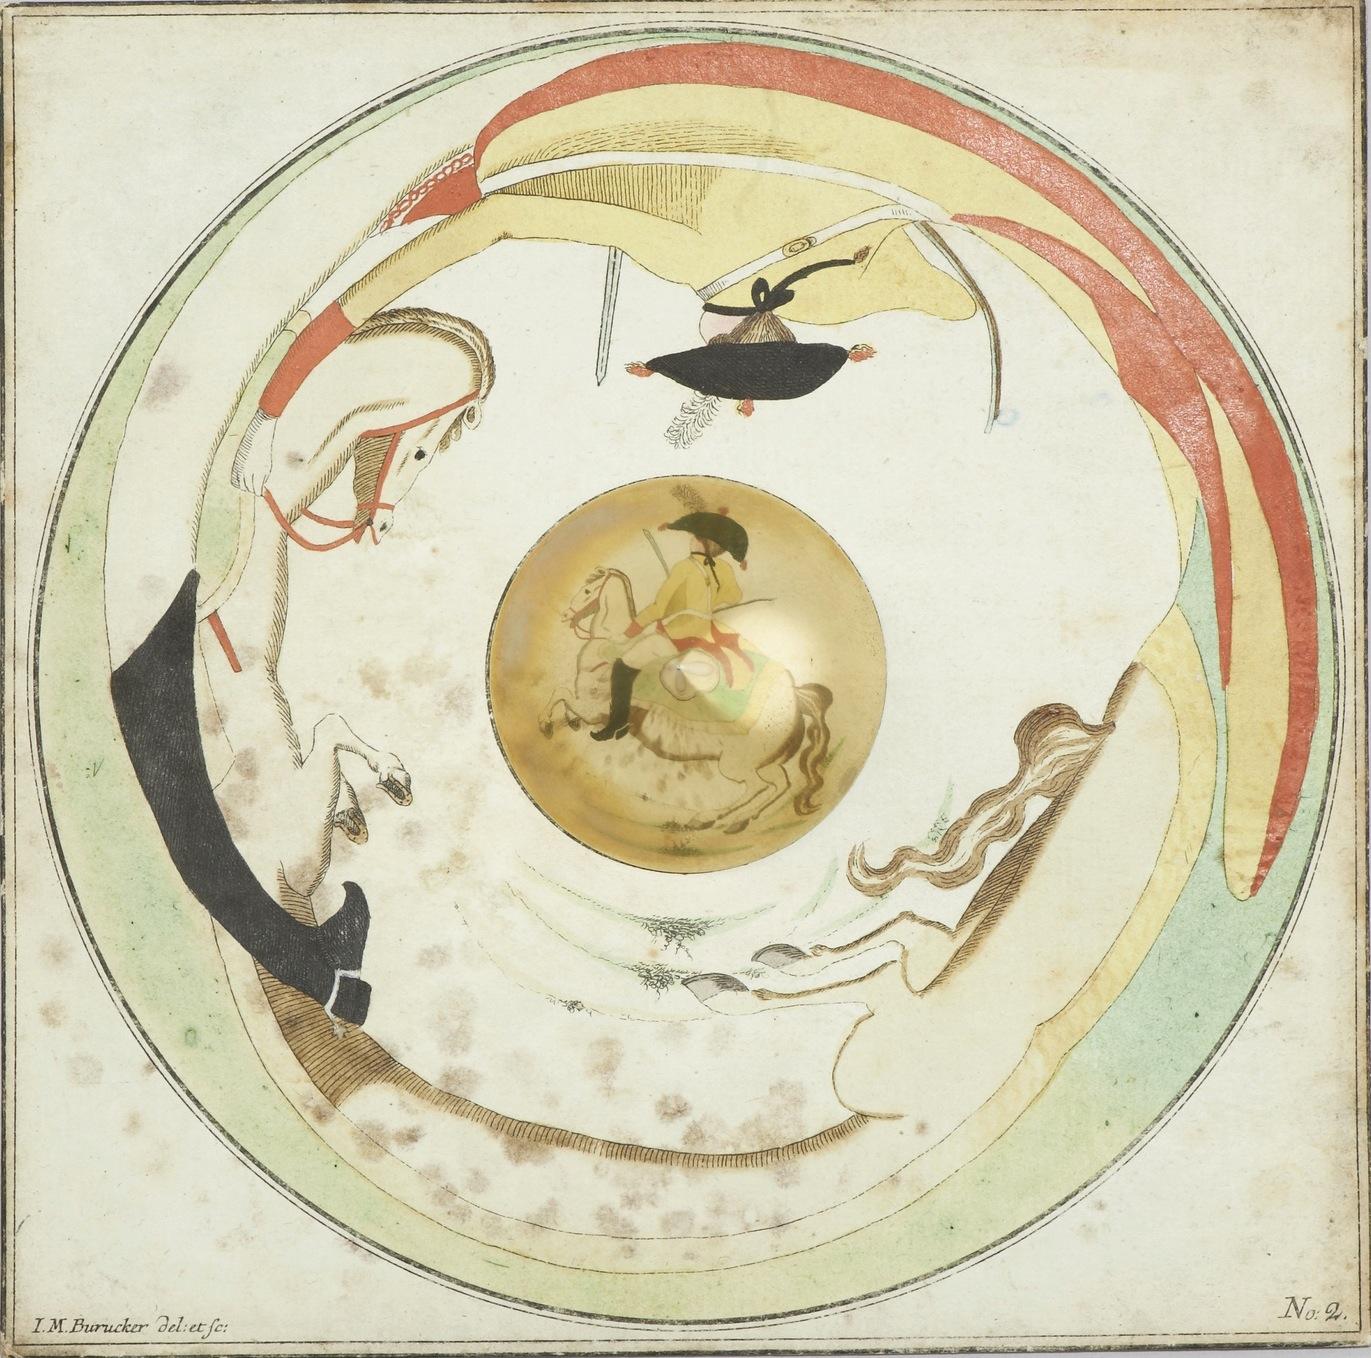 Johann Michael Buruck, Anamorphosen mit Kegelspiegel, um 1790/1805, Serie von sechs Motiven, Sammlung Germanisches Nationalmuseum (Foto: Germanisches Nationalmuseum Nürnberg, Studio Messberger)